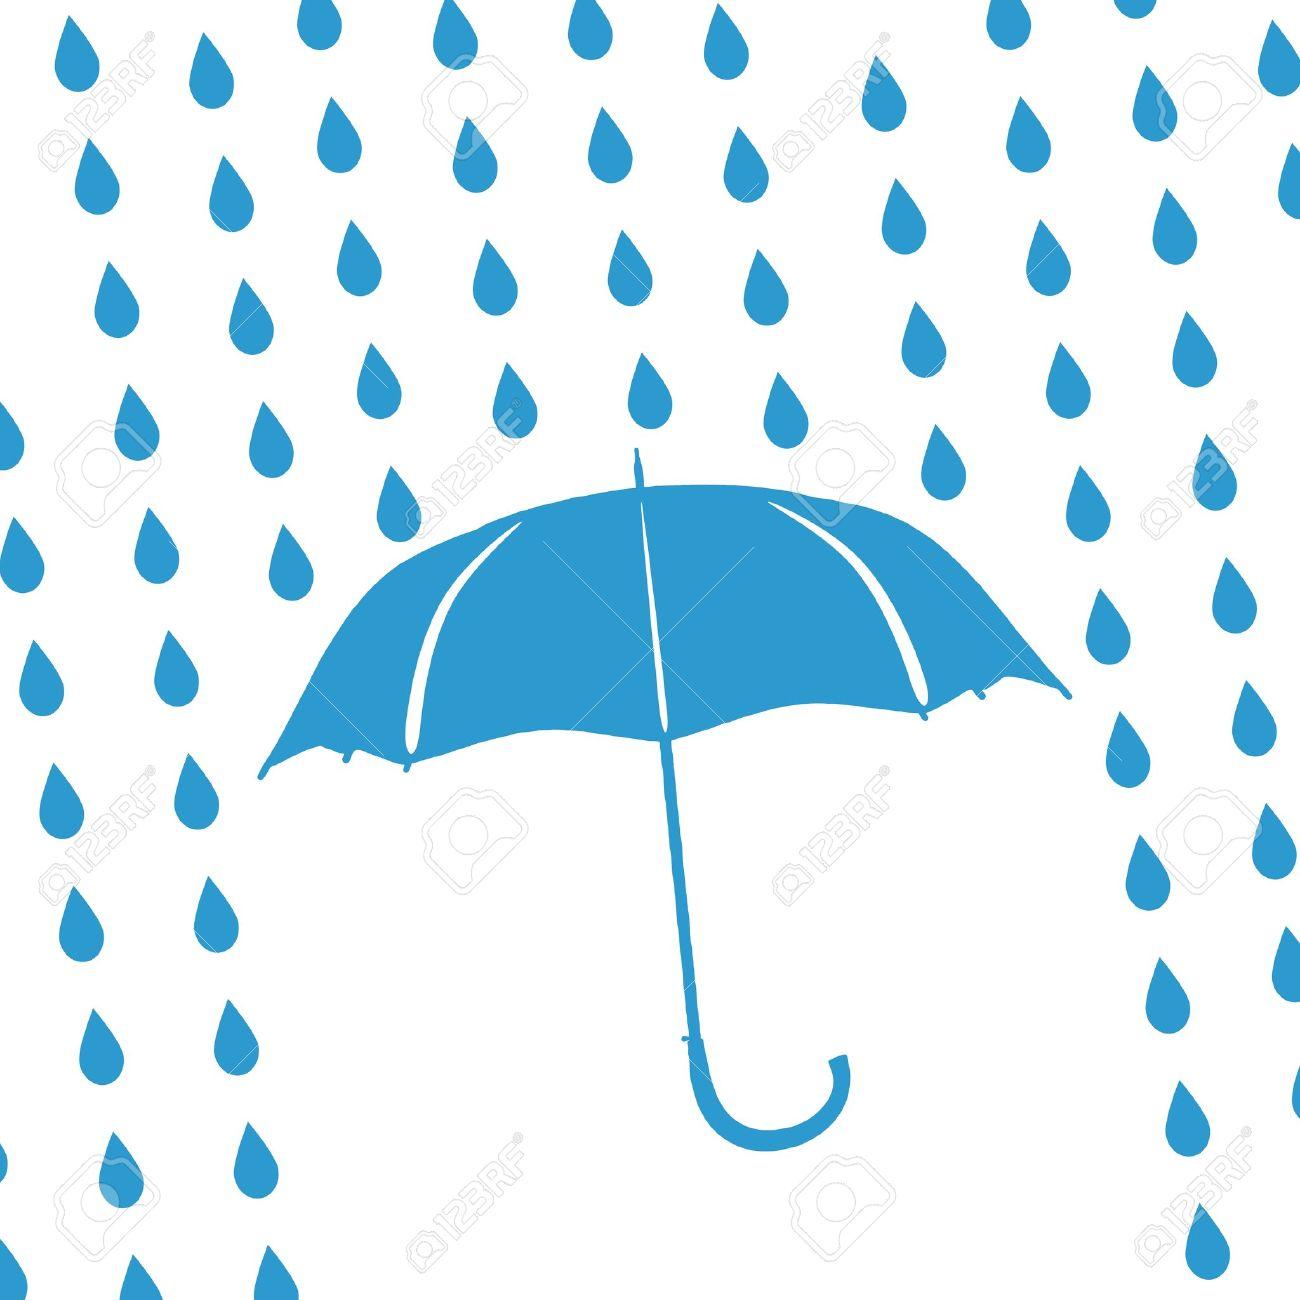 blue umbrella and rain drops - 15101167